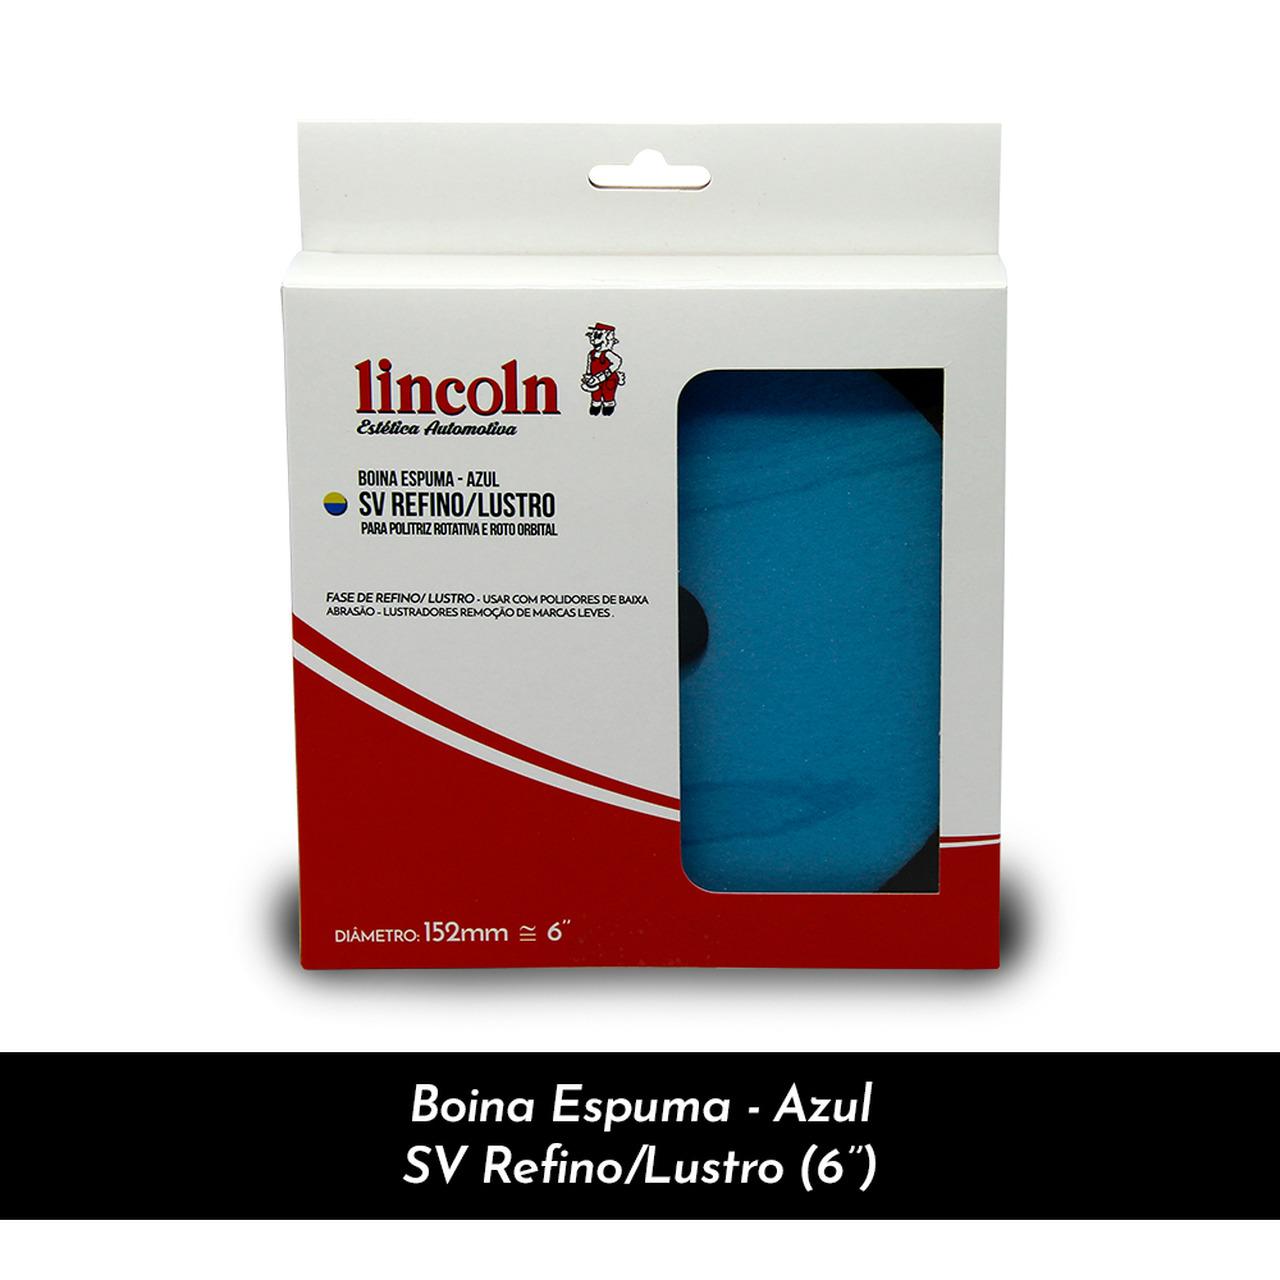 """BOINA ESPUMA - AZUL SV REFINO/LUSTRO 6"""" - LINCOLN"""